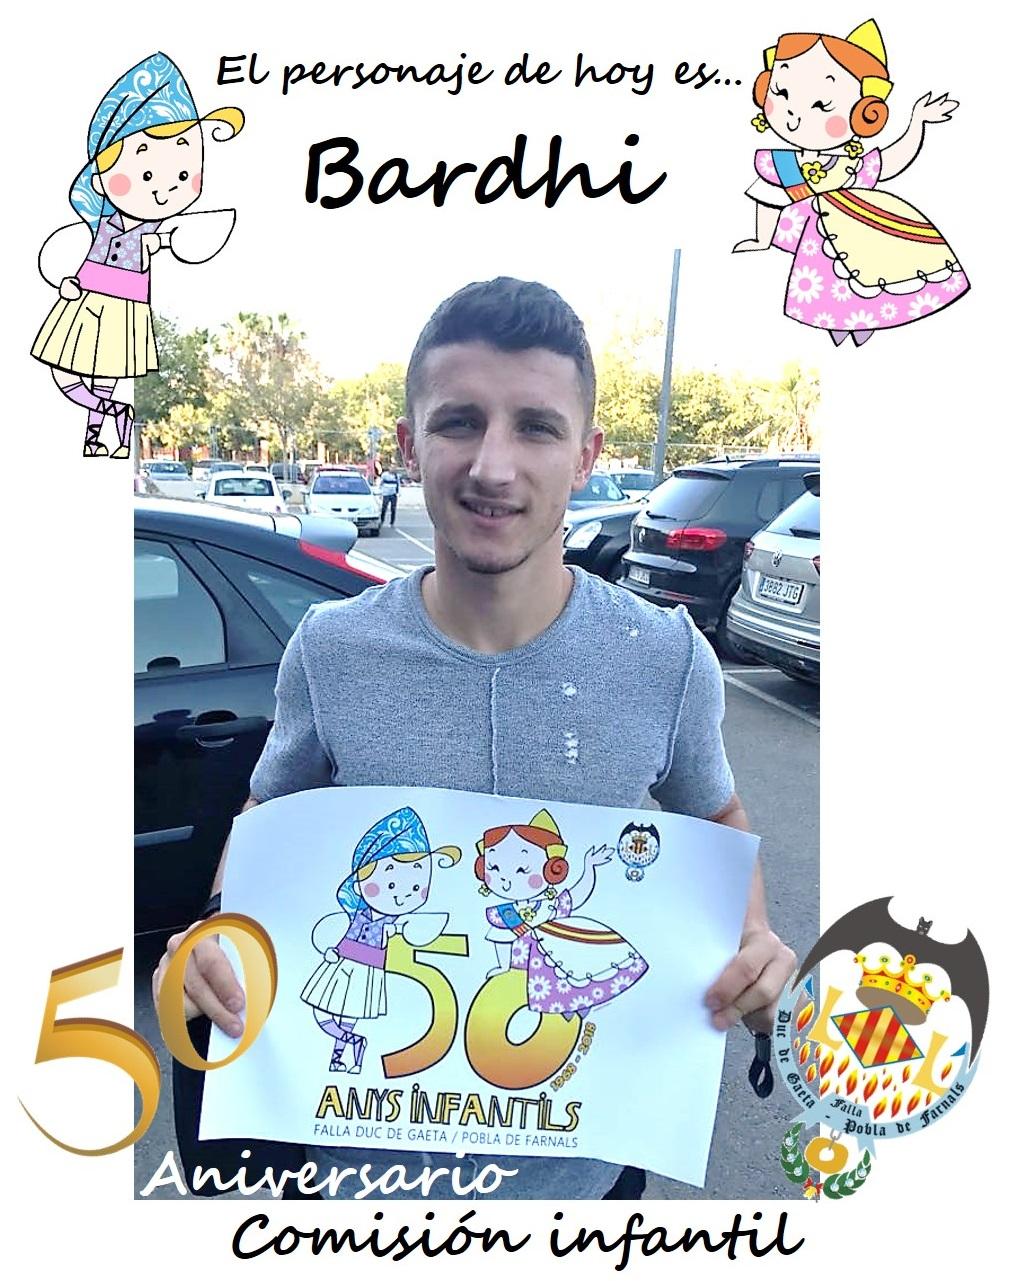 Personaje del día: Bardhi, jugador del Levante UD